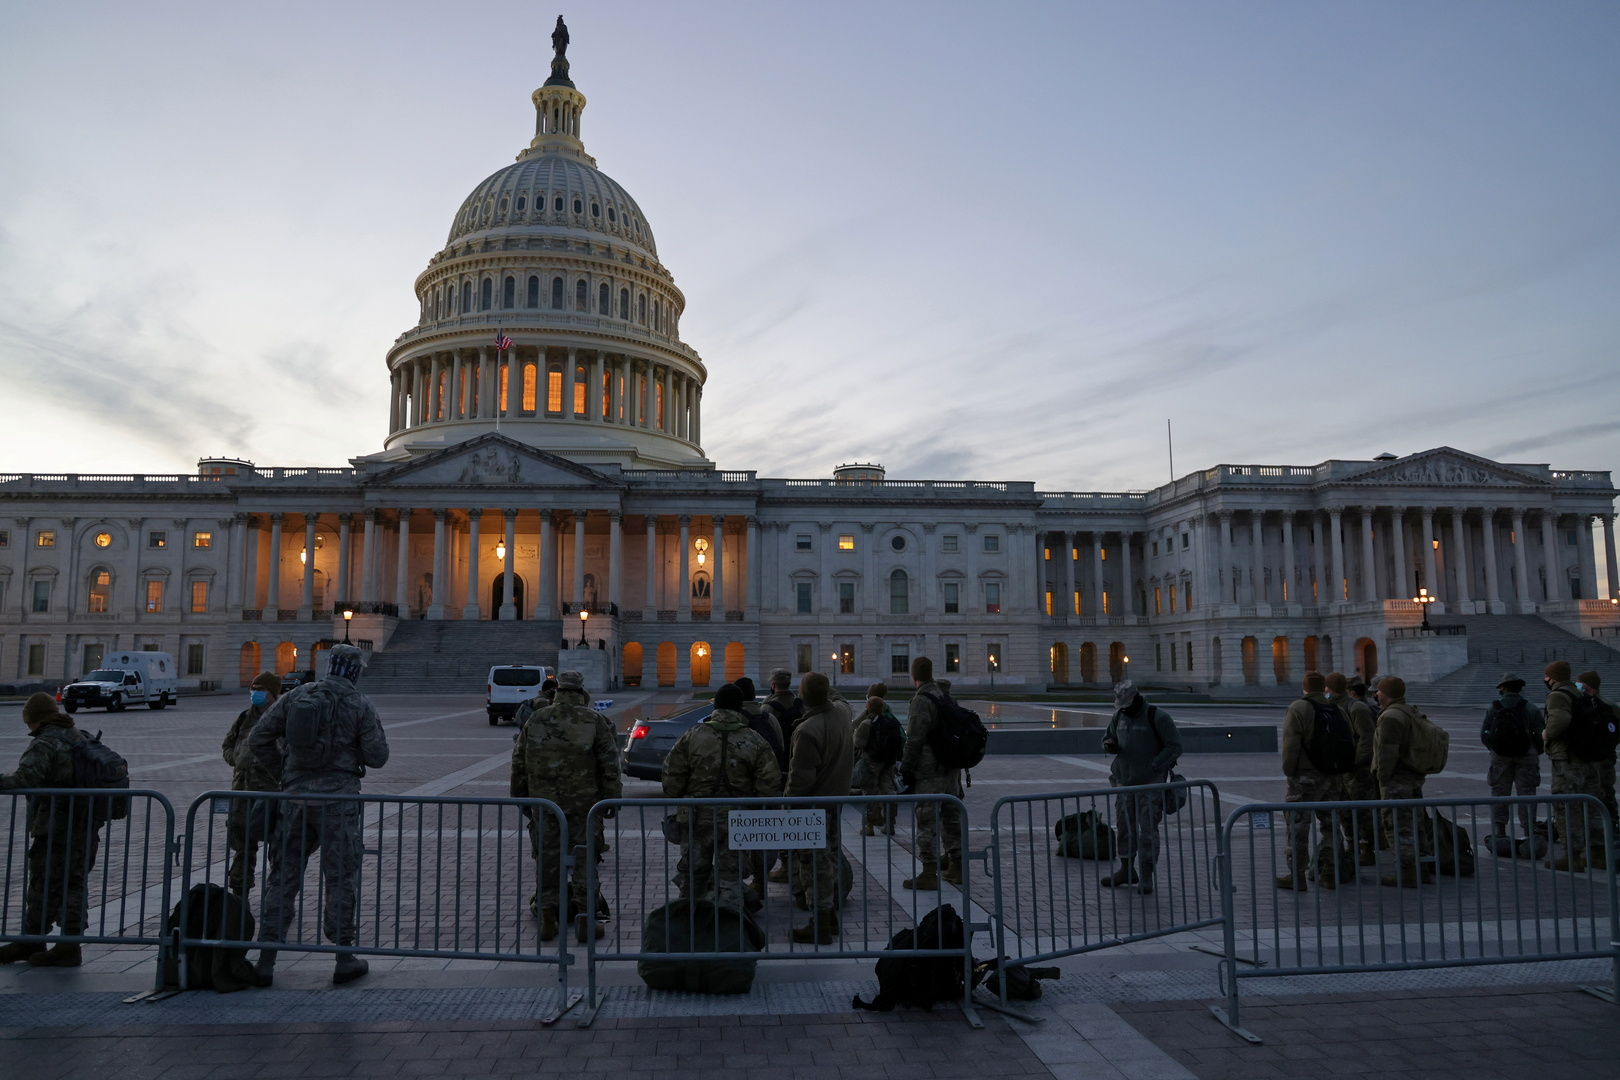 أكثر من 200 مشرع في الكونغرس الأمريكي يدعمون عزل ترامب عن السلطة